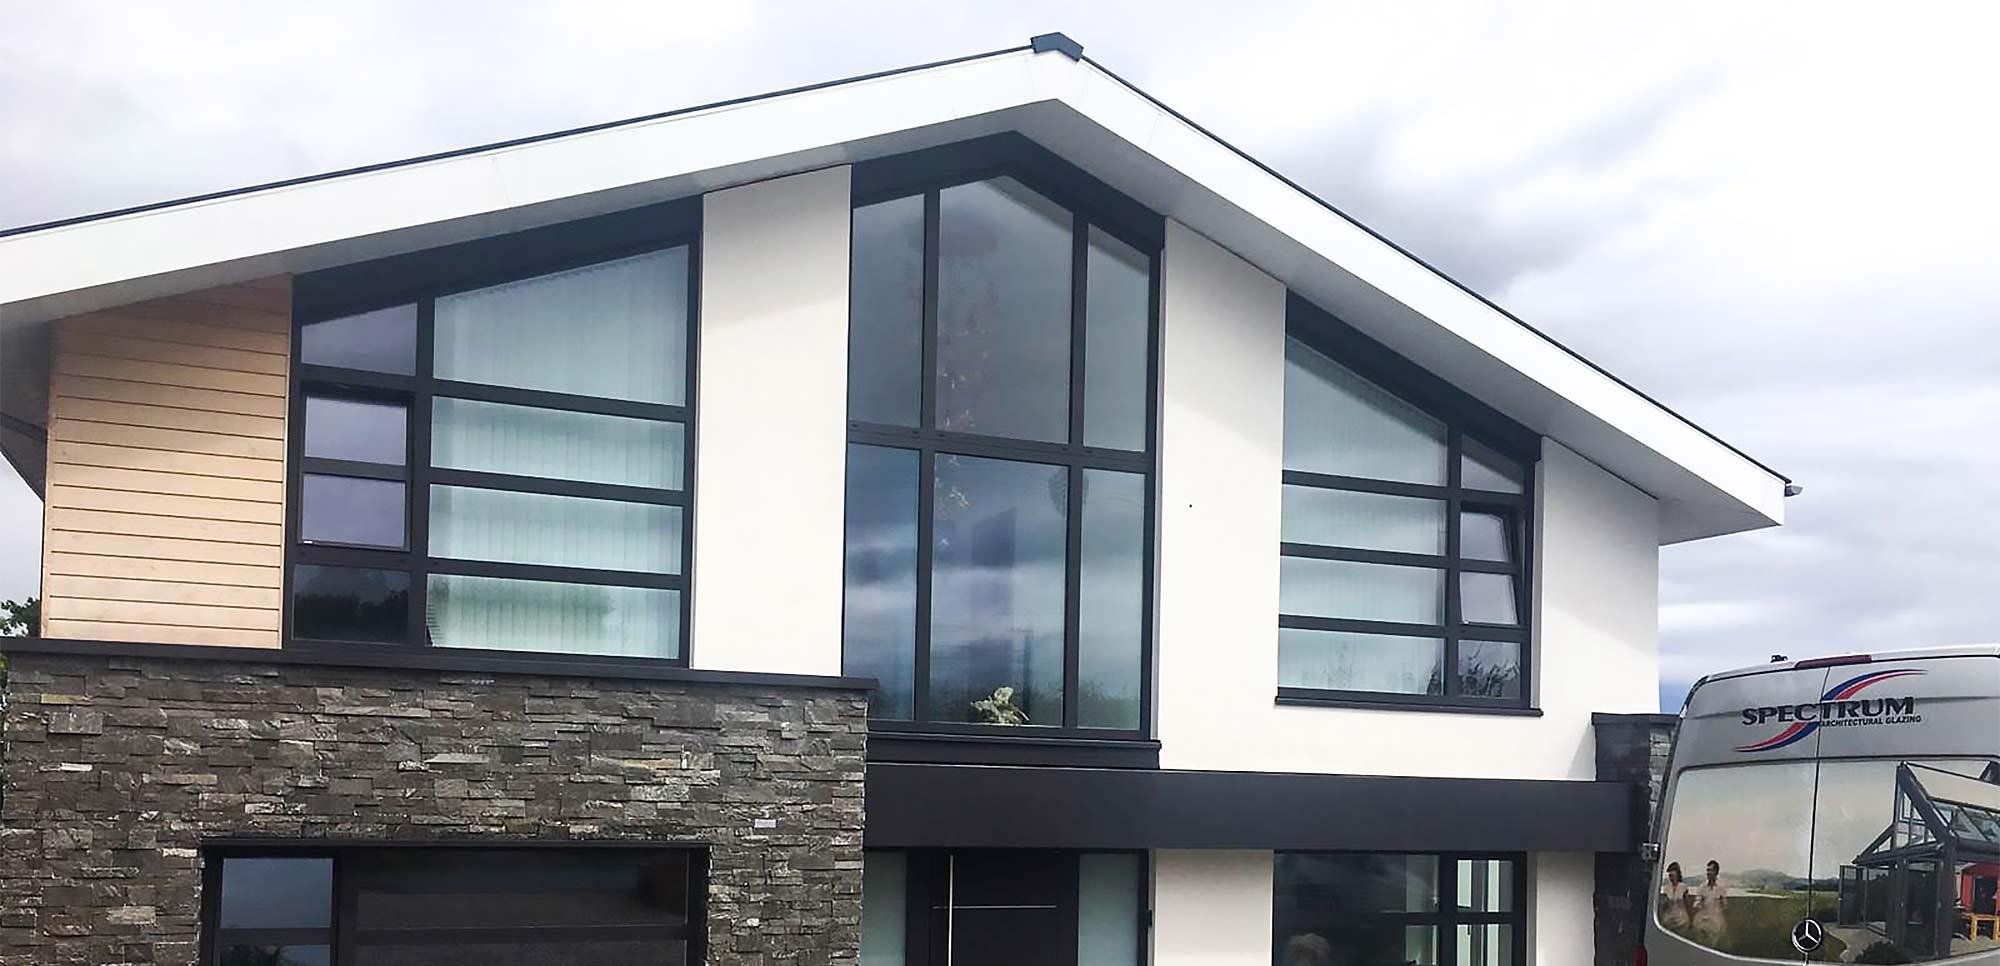 Internorm-windows-on-a-custom-built-house